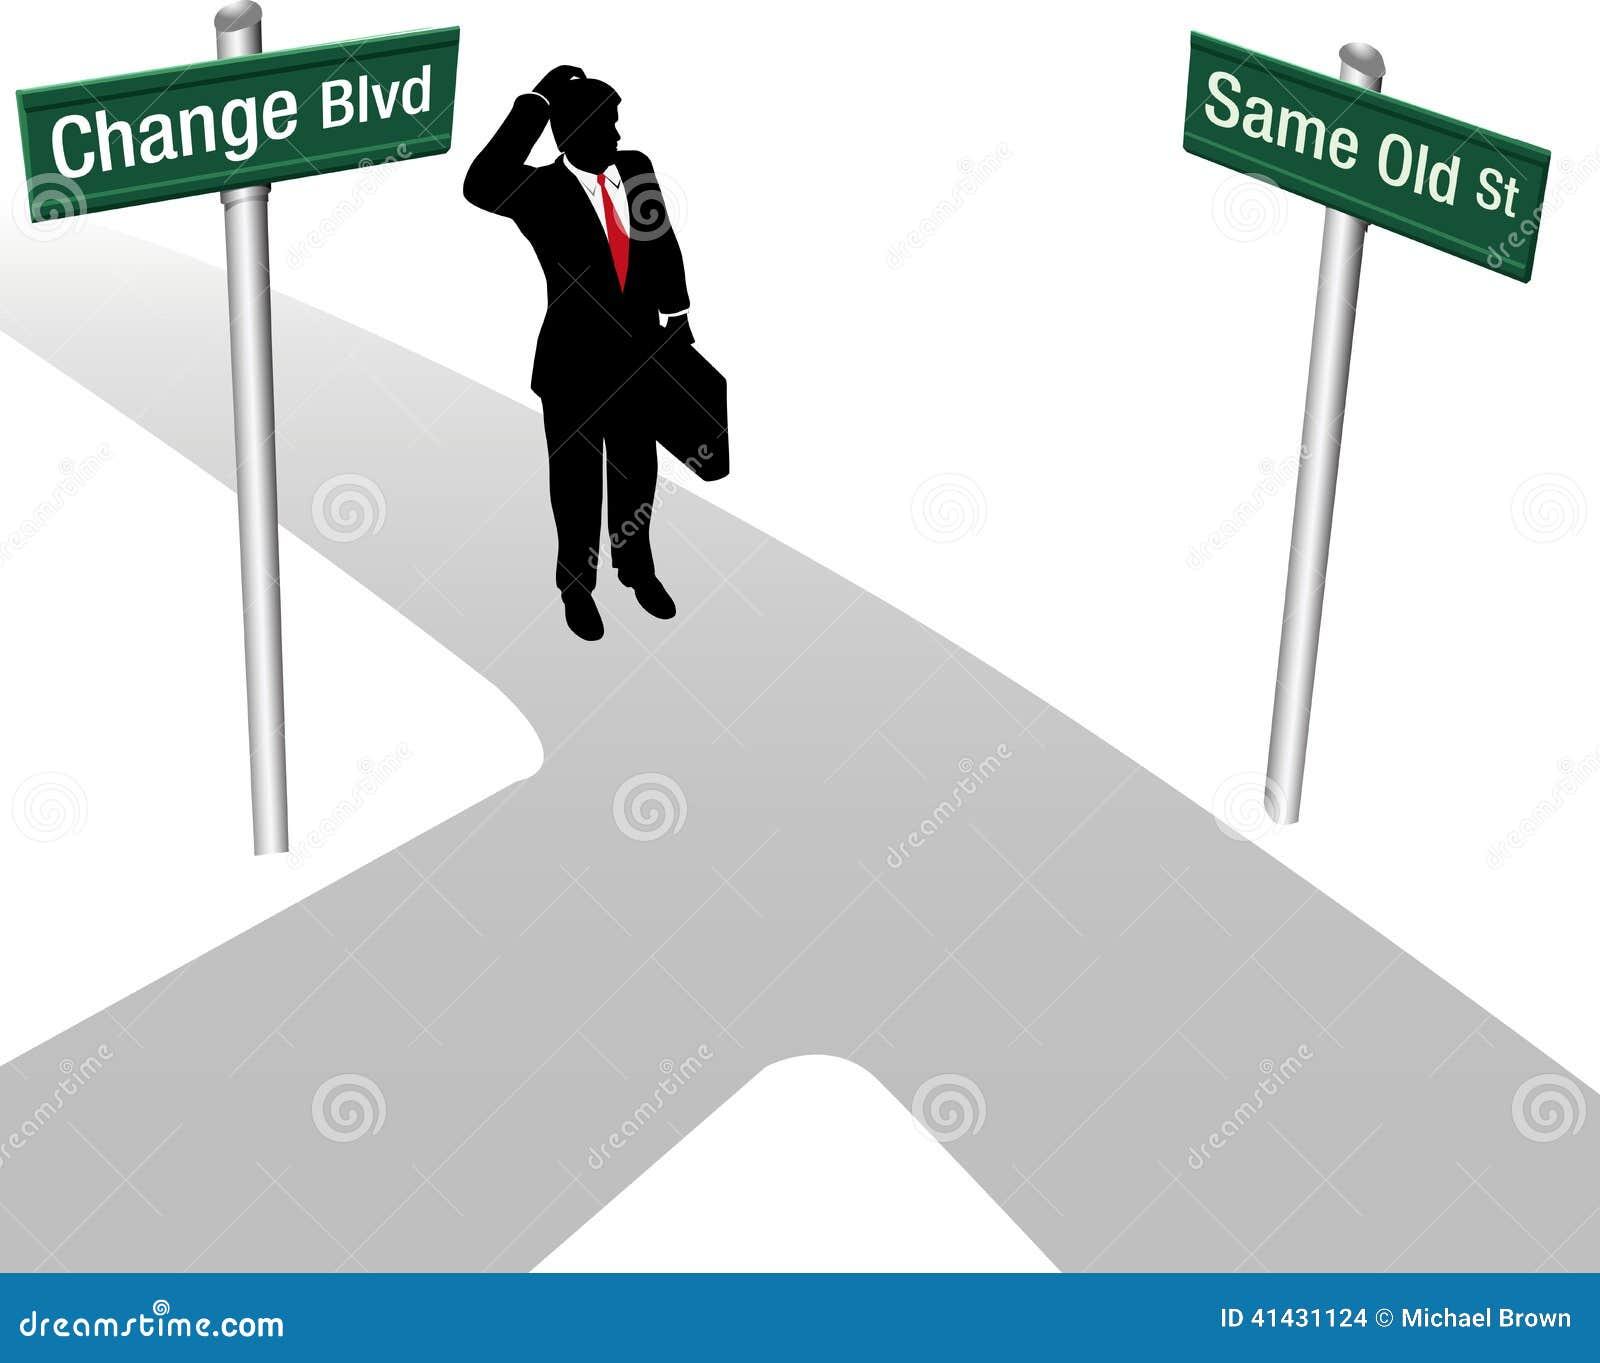 Decisione del cambiamento o di Person Choose Same